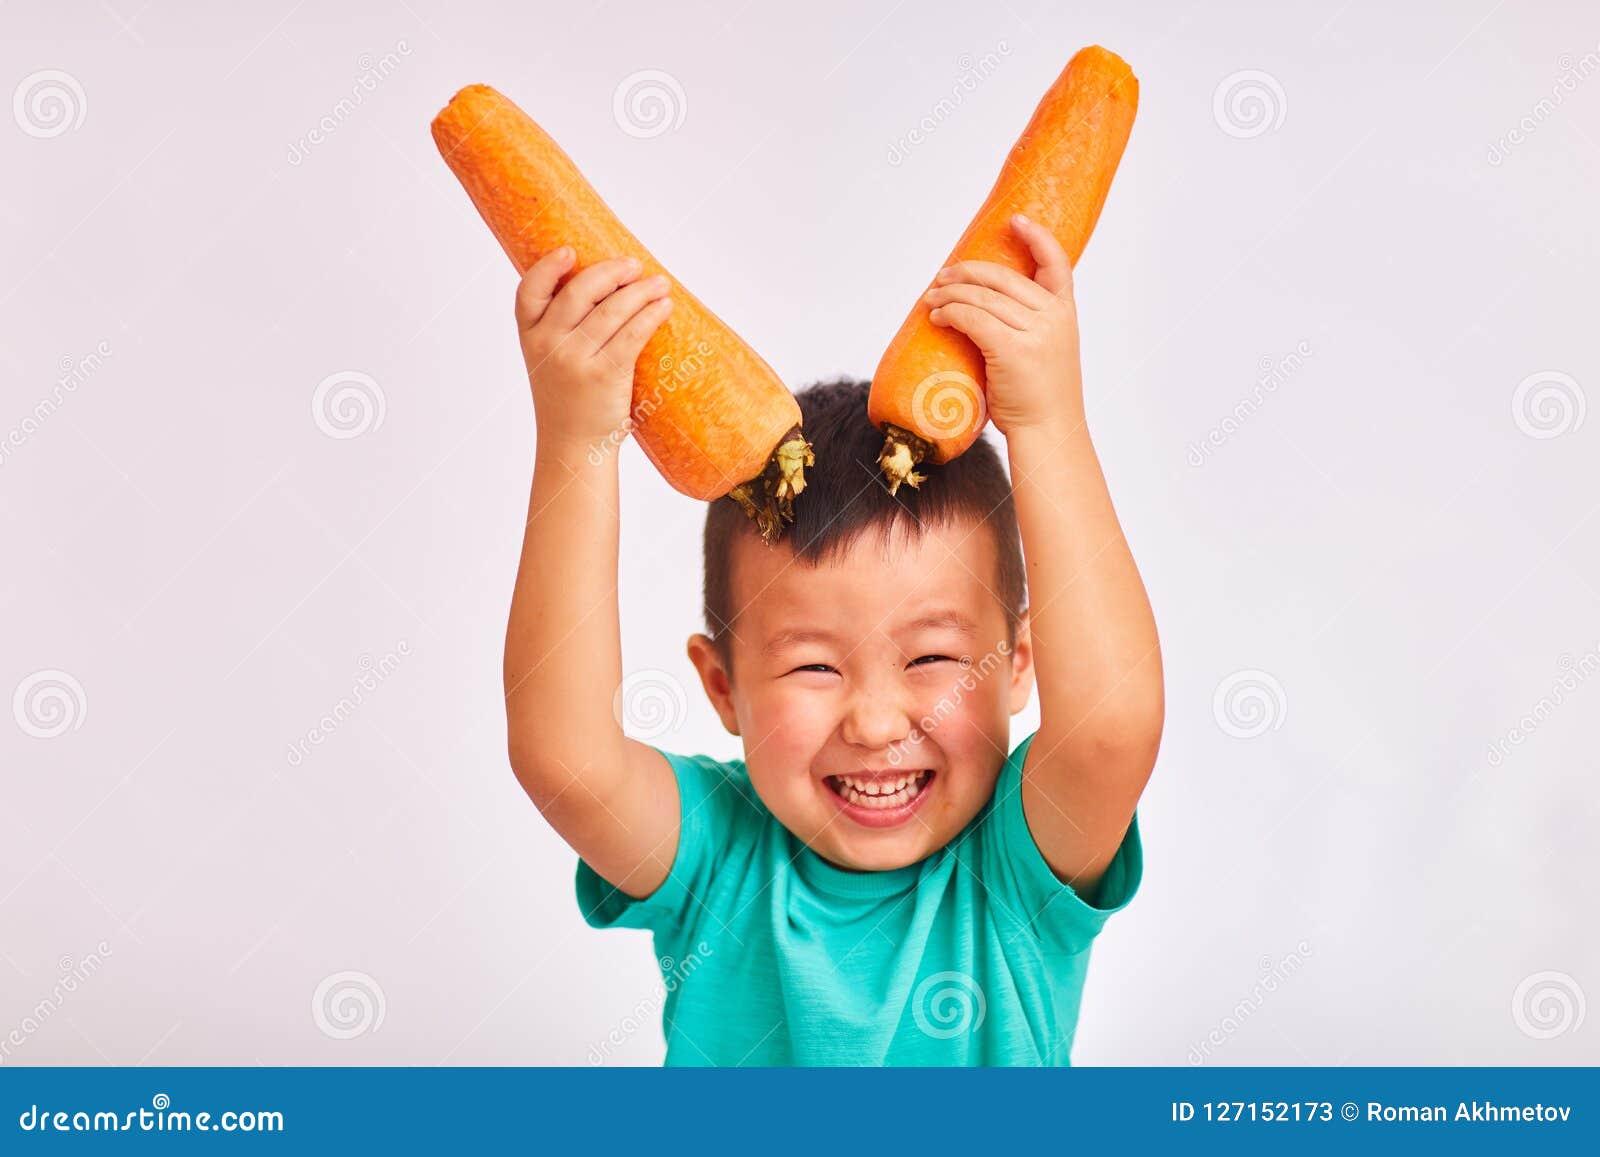 De kindjongen in turkoois overhemd, houdt reusachtige wortelen afschilderend hoornen - vruchten en gezond voedsel